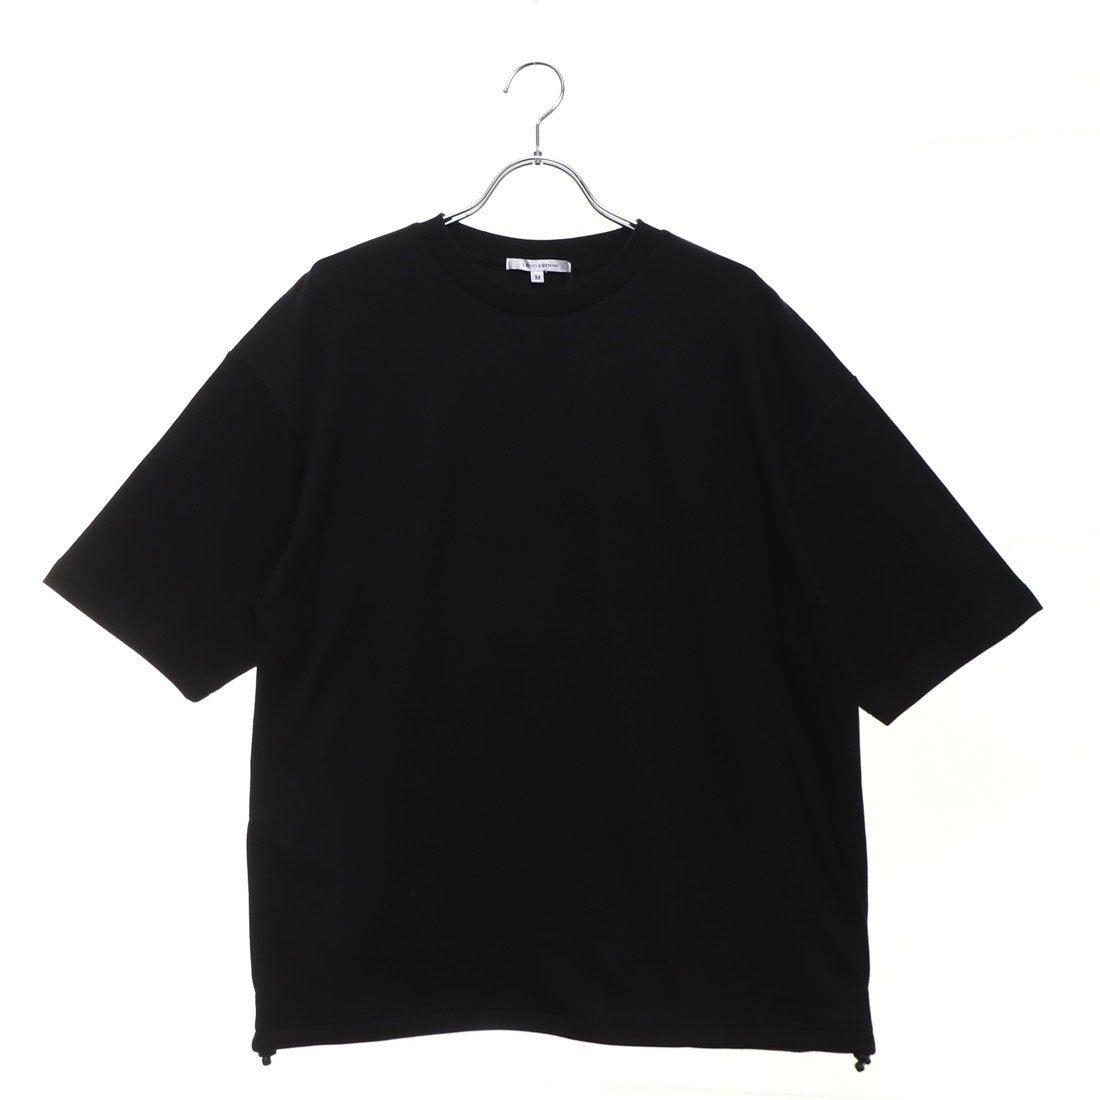 ロコンド 靴とファッションの通販サイトスタイルブロック STYLEBLOCK 裾スピンドル5分袖ビッグTシャツ (ブラック)